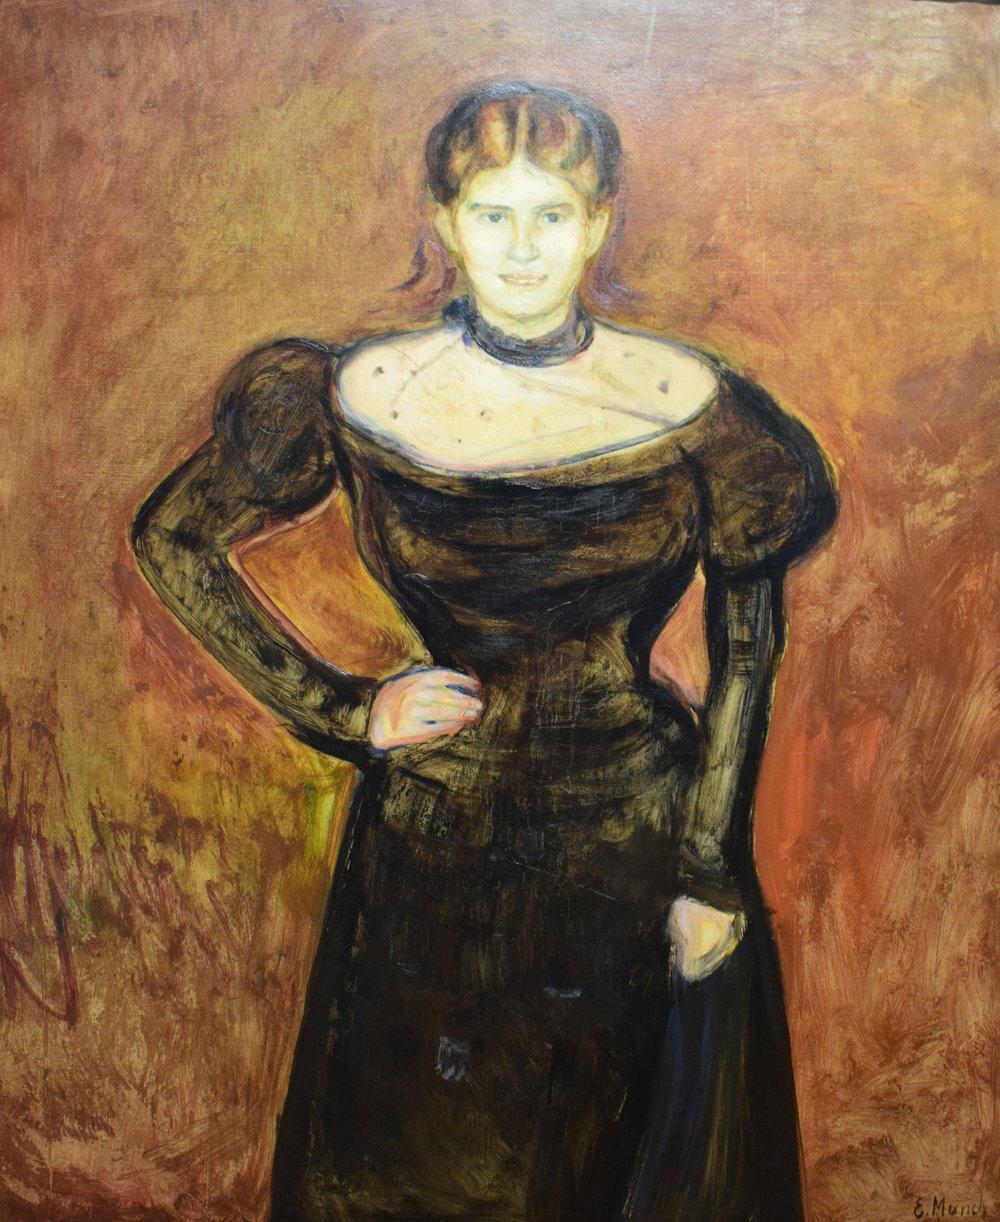 Edvard Munch, Portrait of the Painter Aase Nørregaard, 1899, Nasjonalmuseet